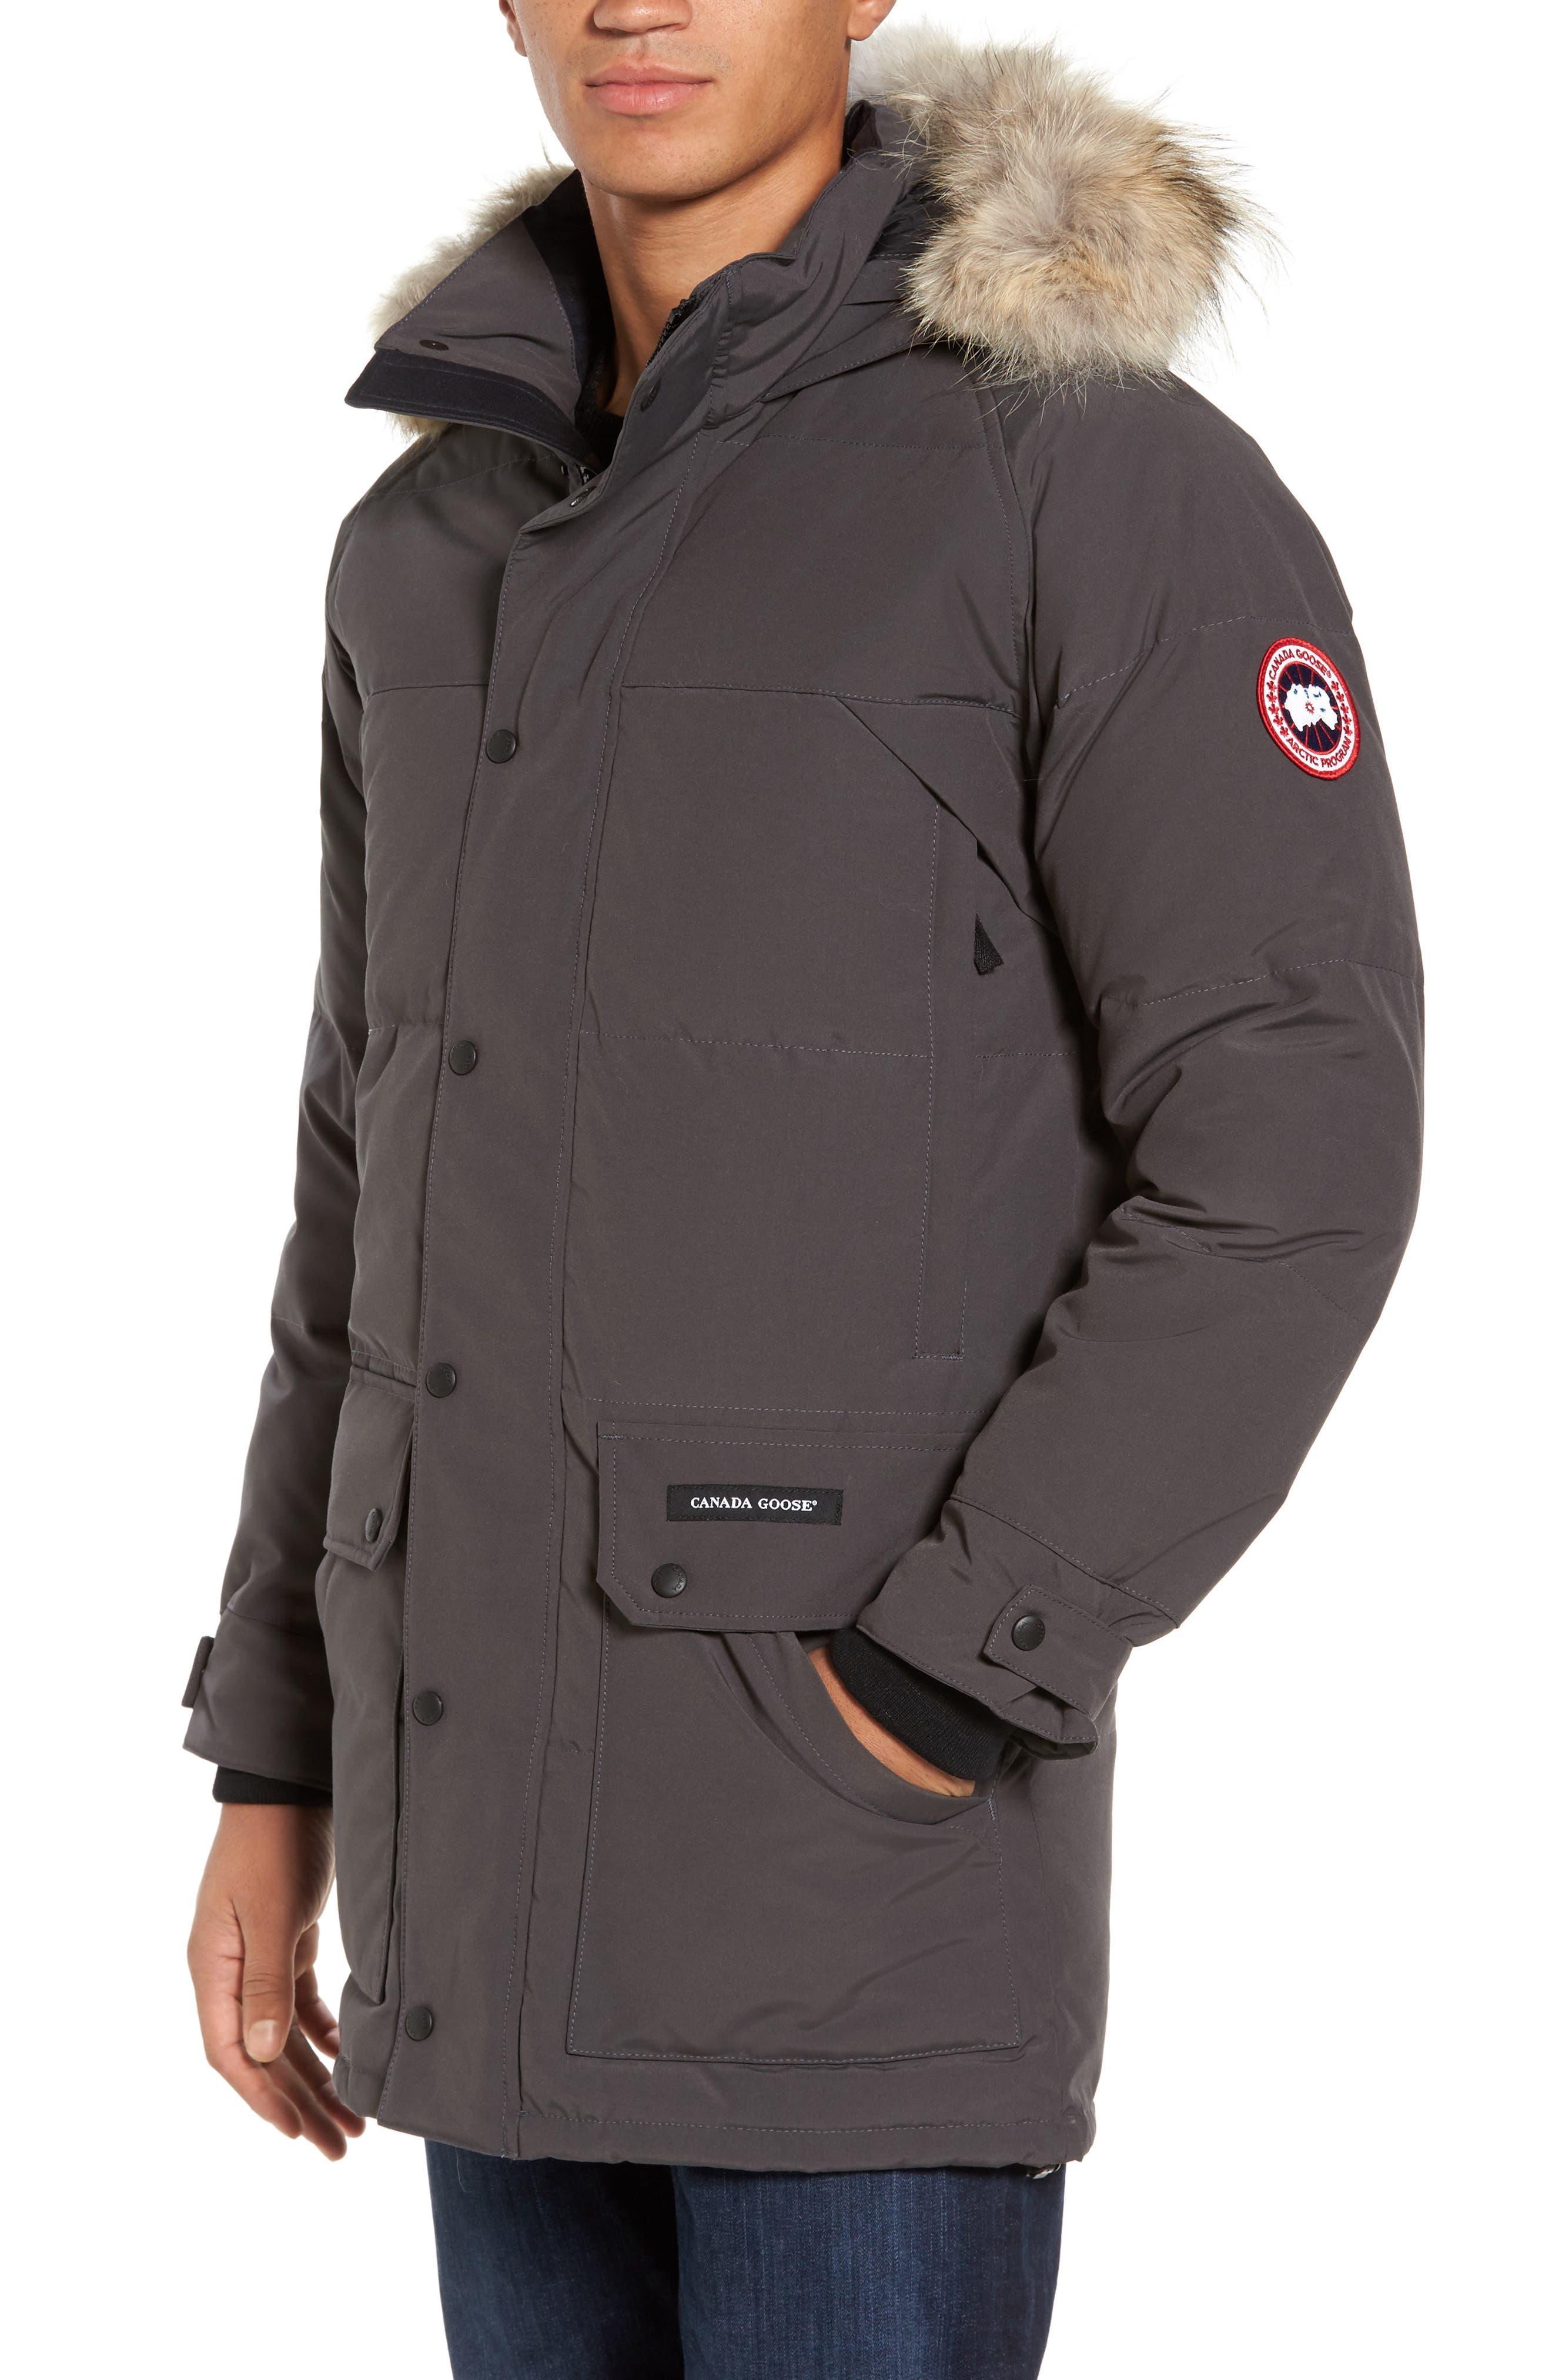 amp; Coats Men's Jackets Nordstrom Parka w055qp